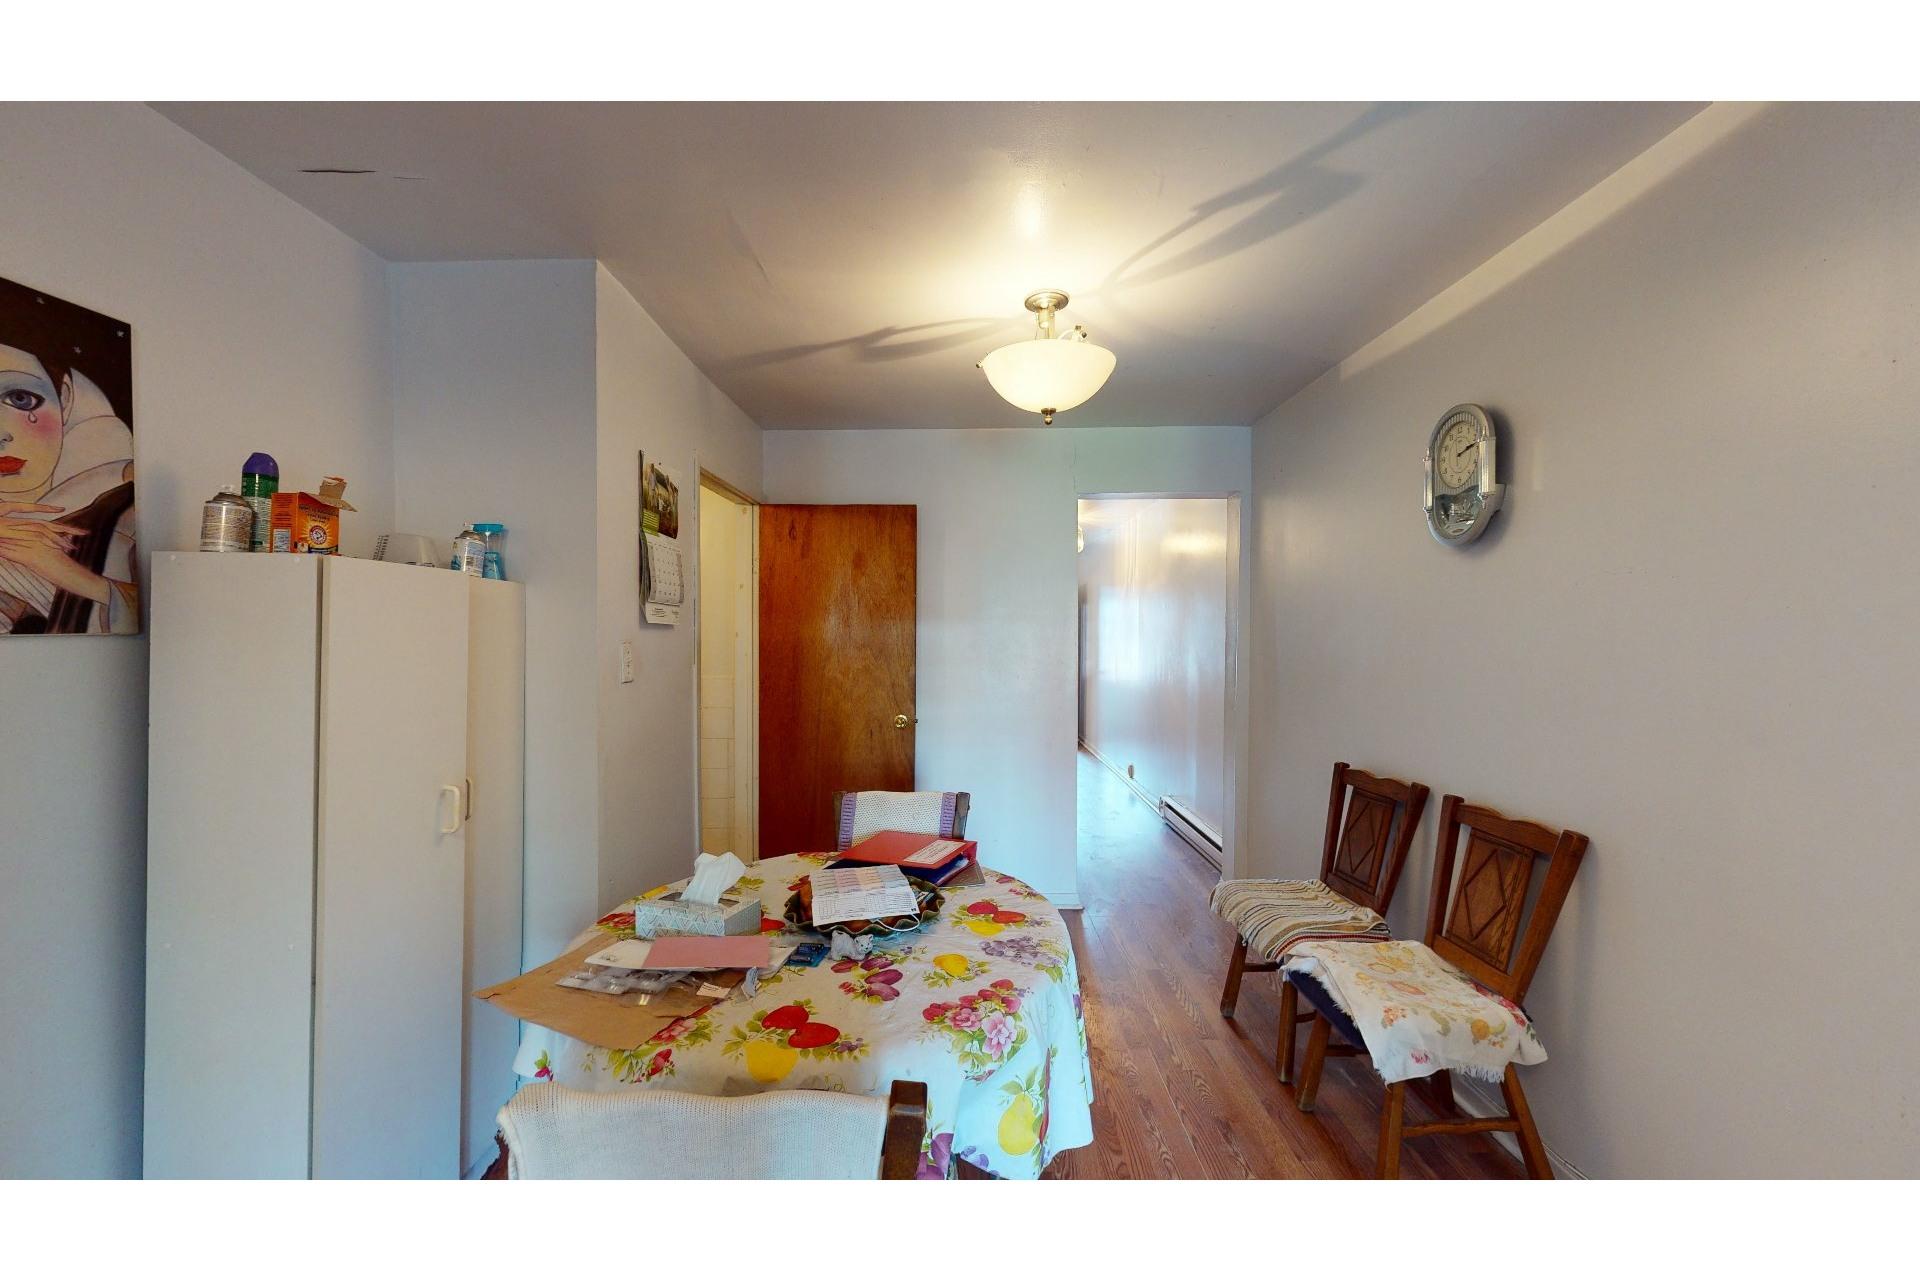 image 11 - Duplex À vendre Rosemont/La Petite-Patrie Montréal  - 7 pièces